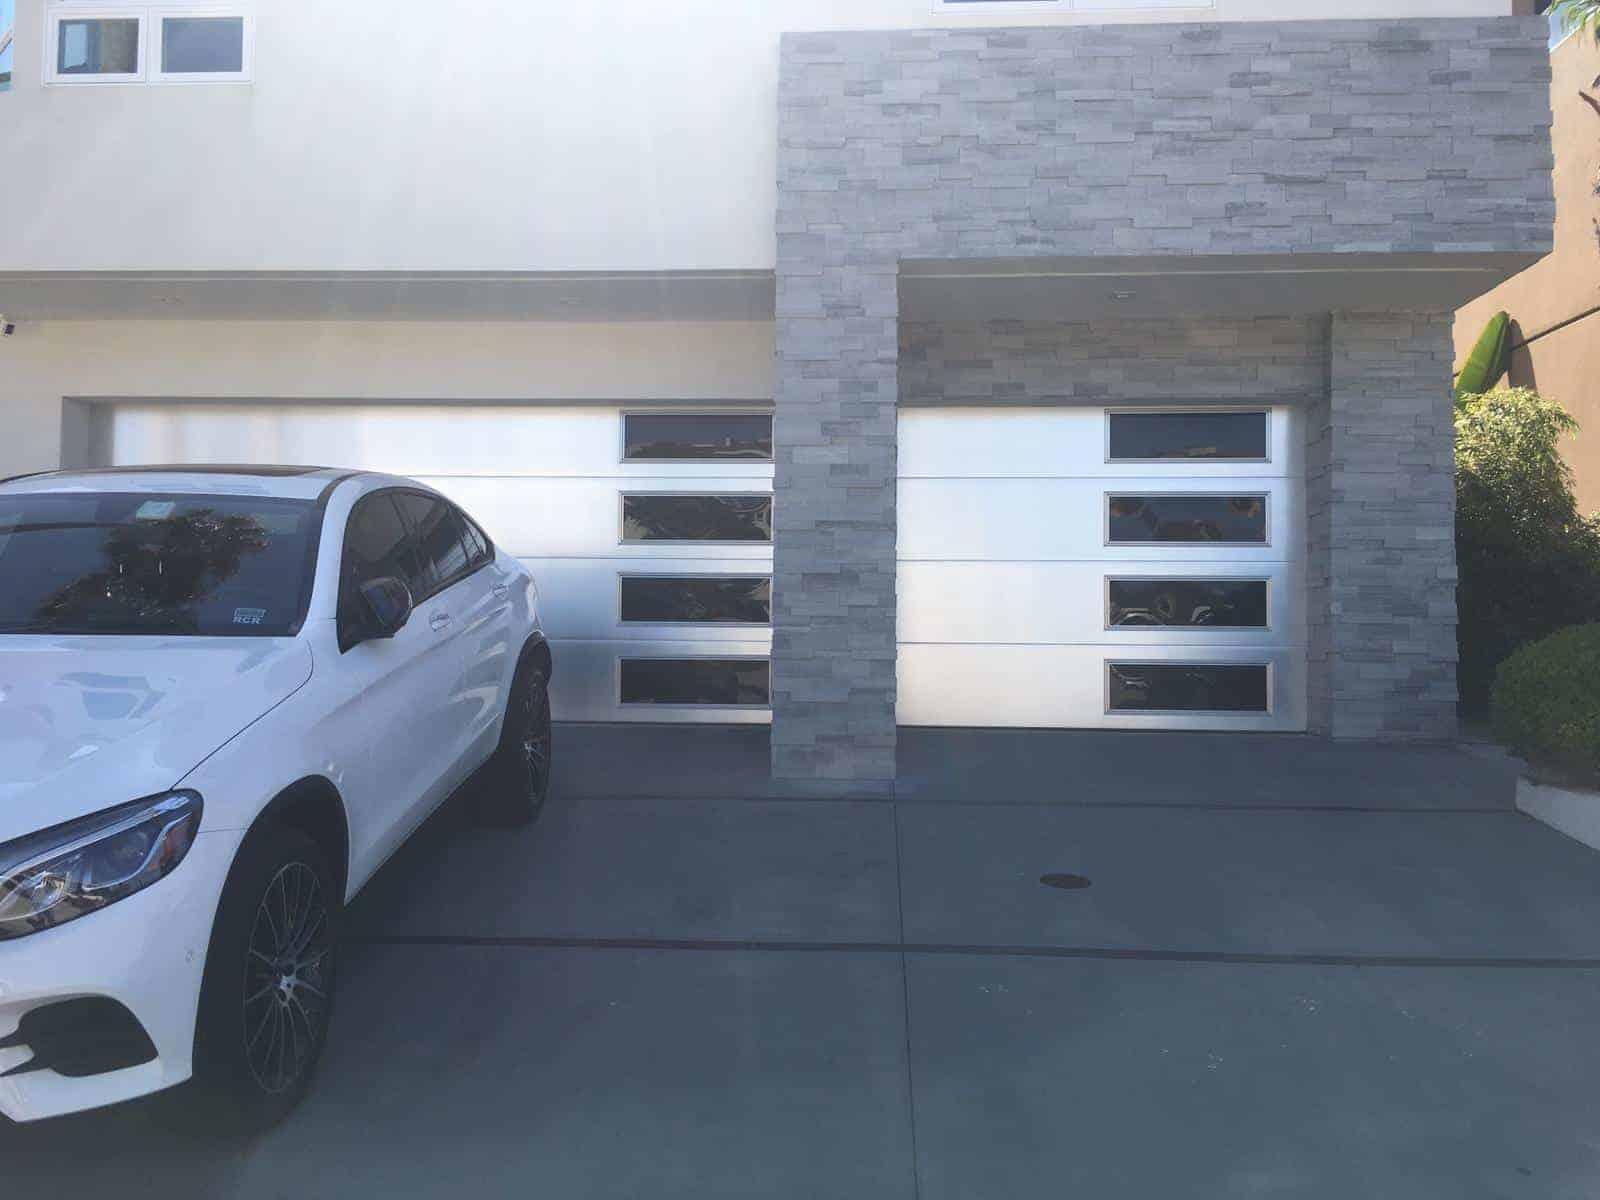 Simi Valley CA Garage Door Repair, Installation & Replacement